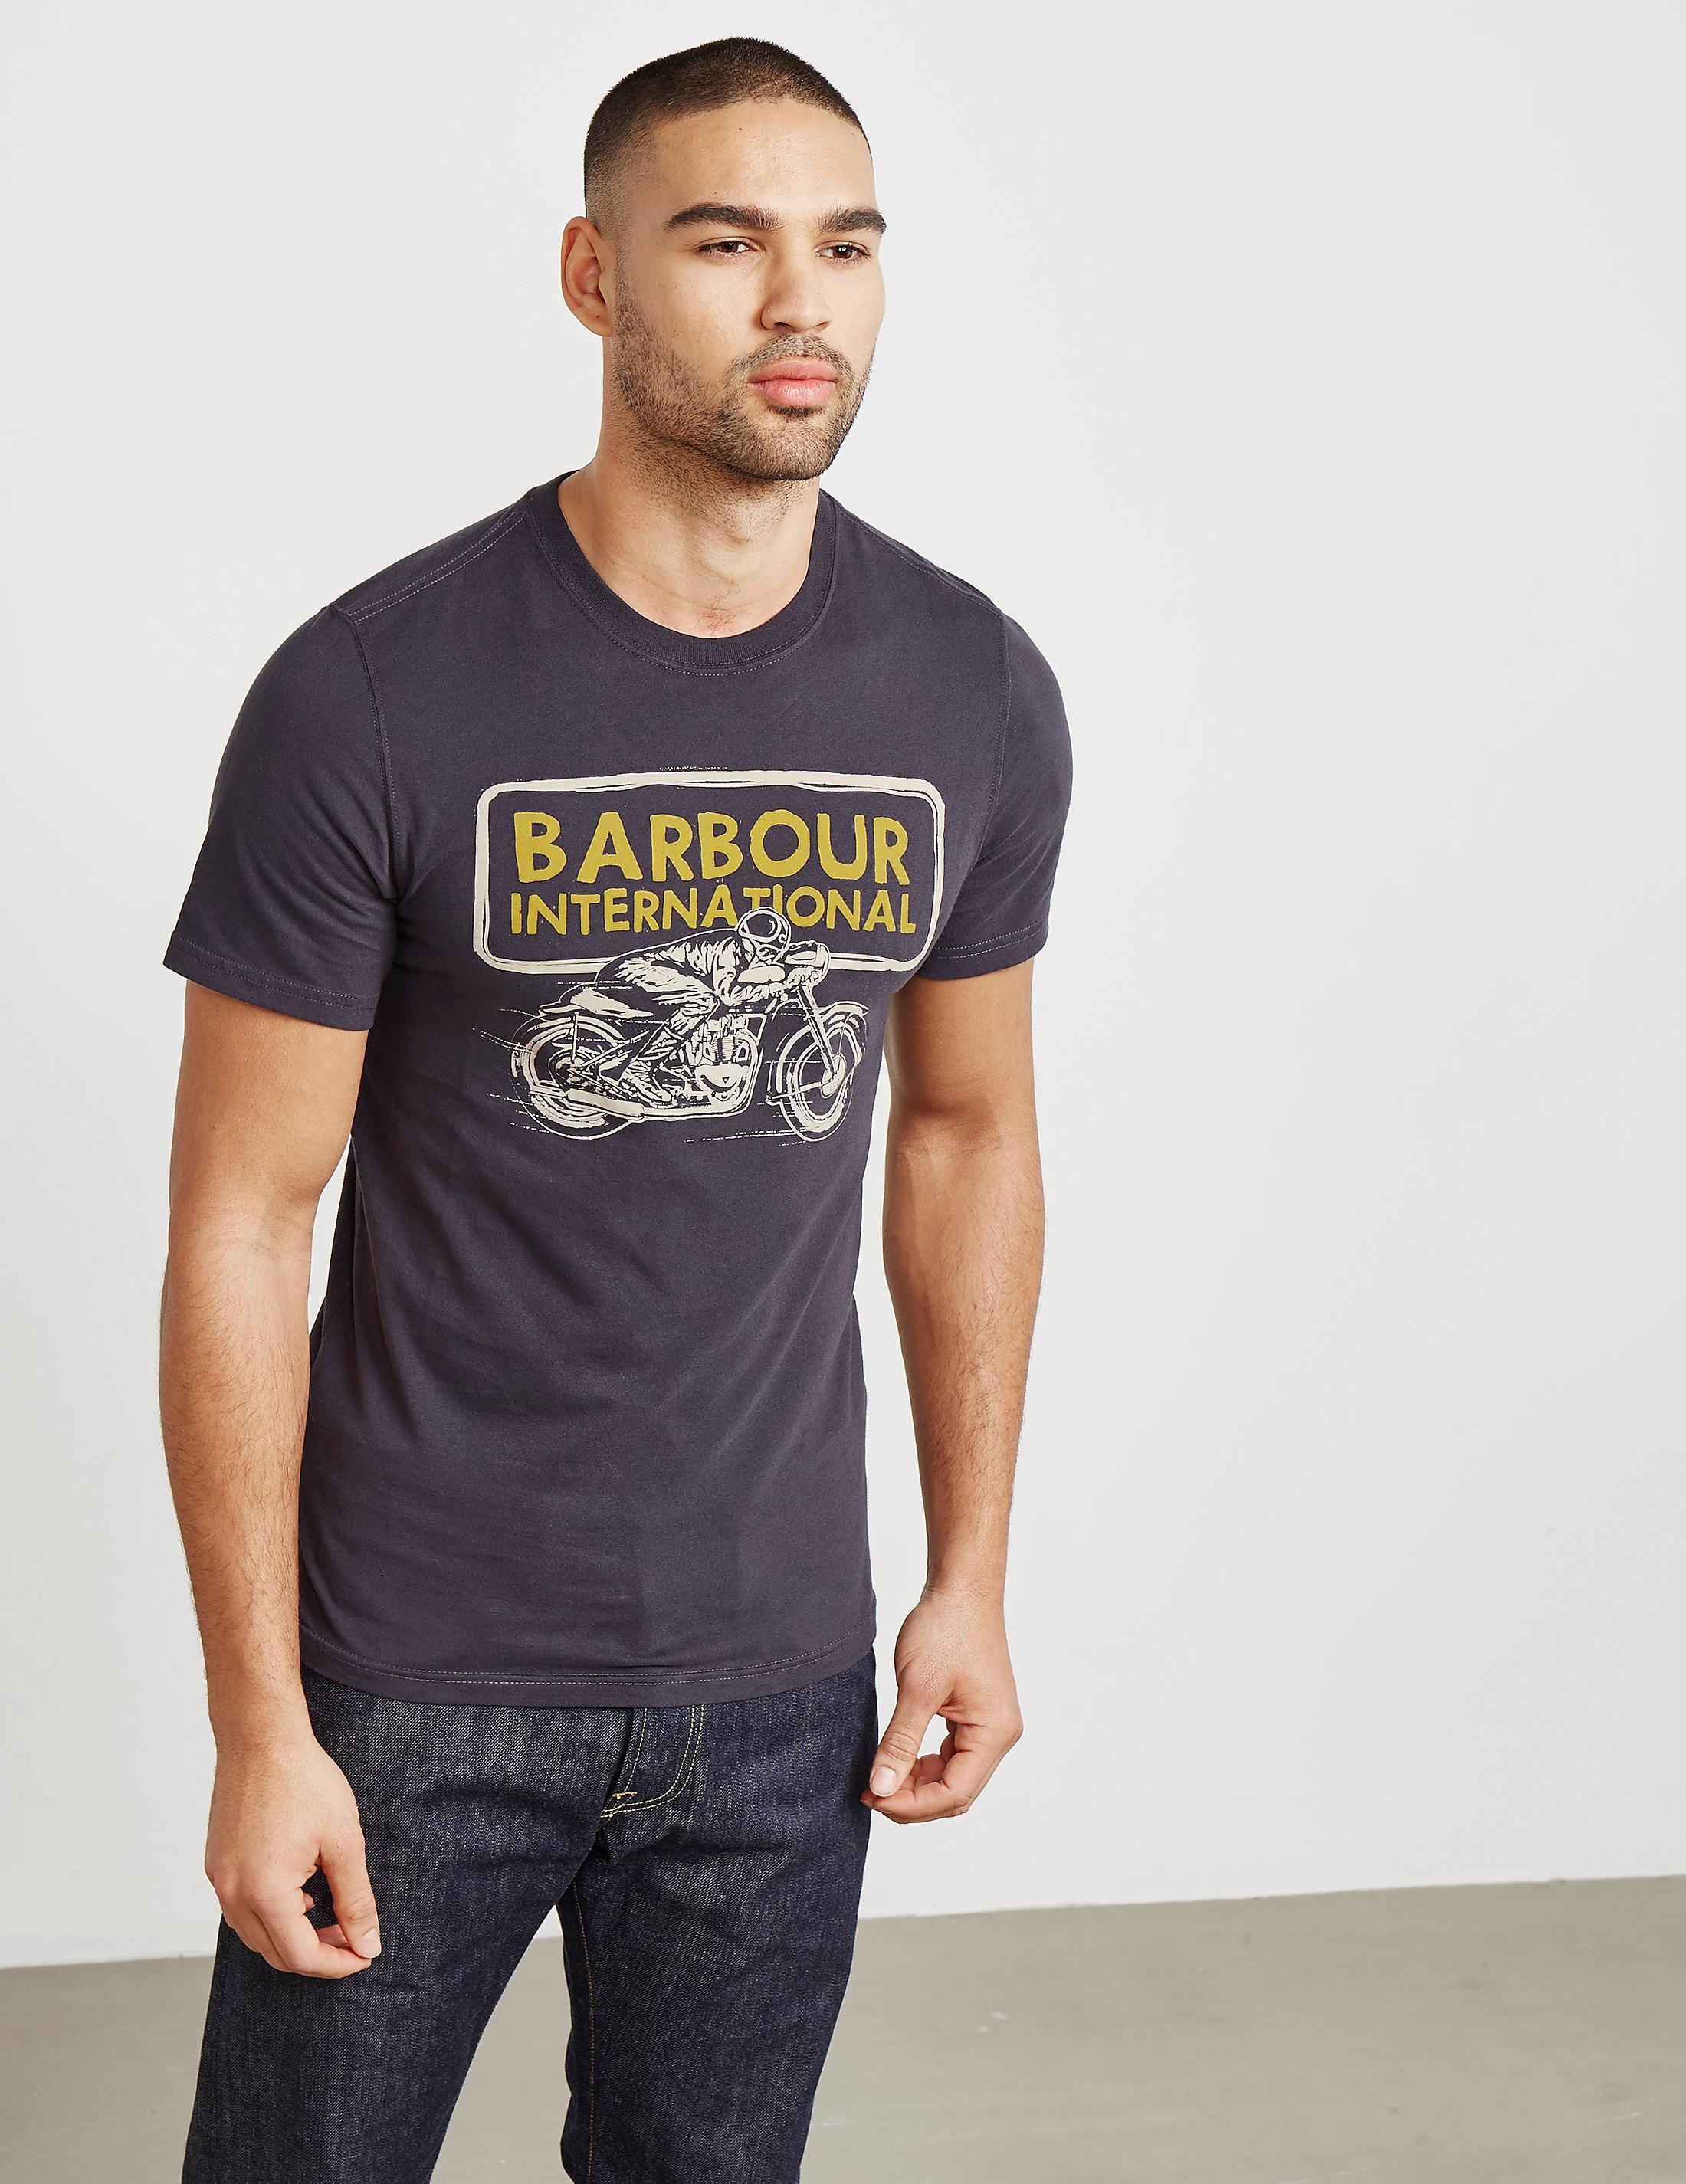 Barbour International Pace Short Sleeve T-Shirt